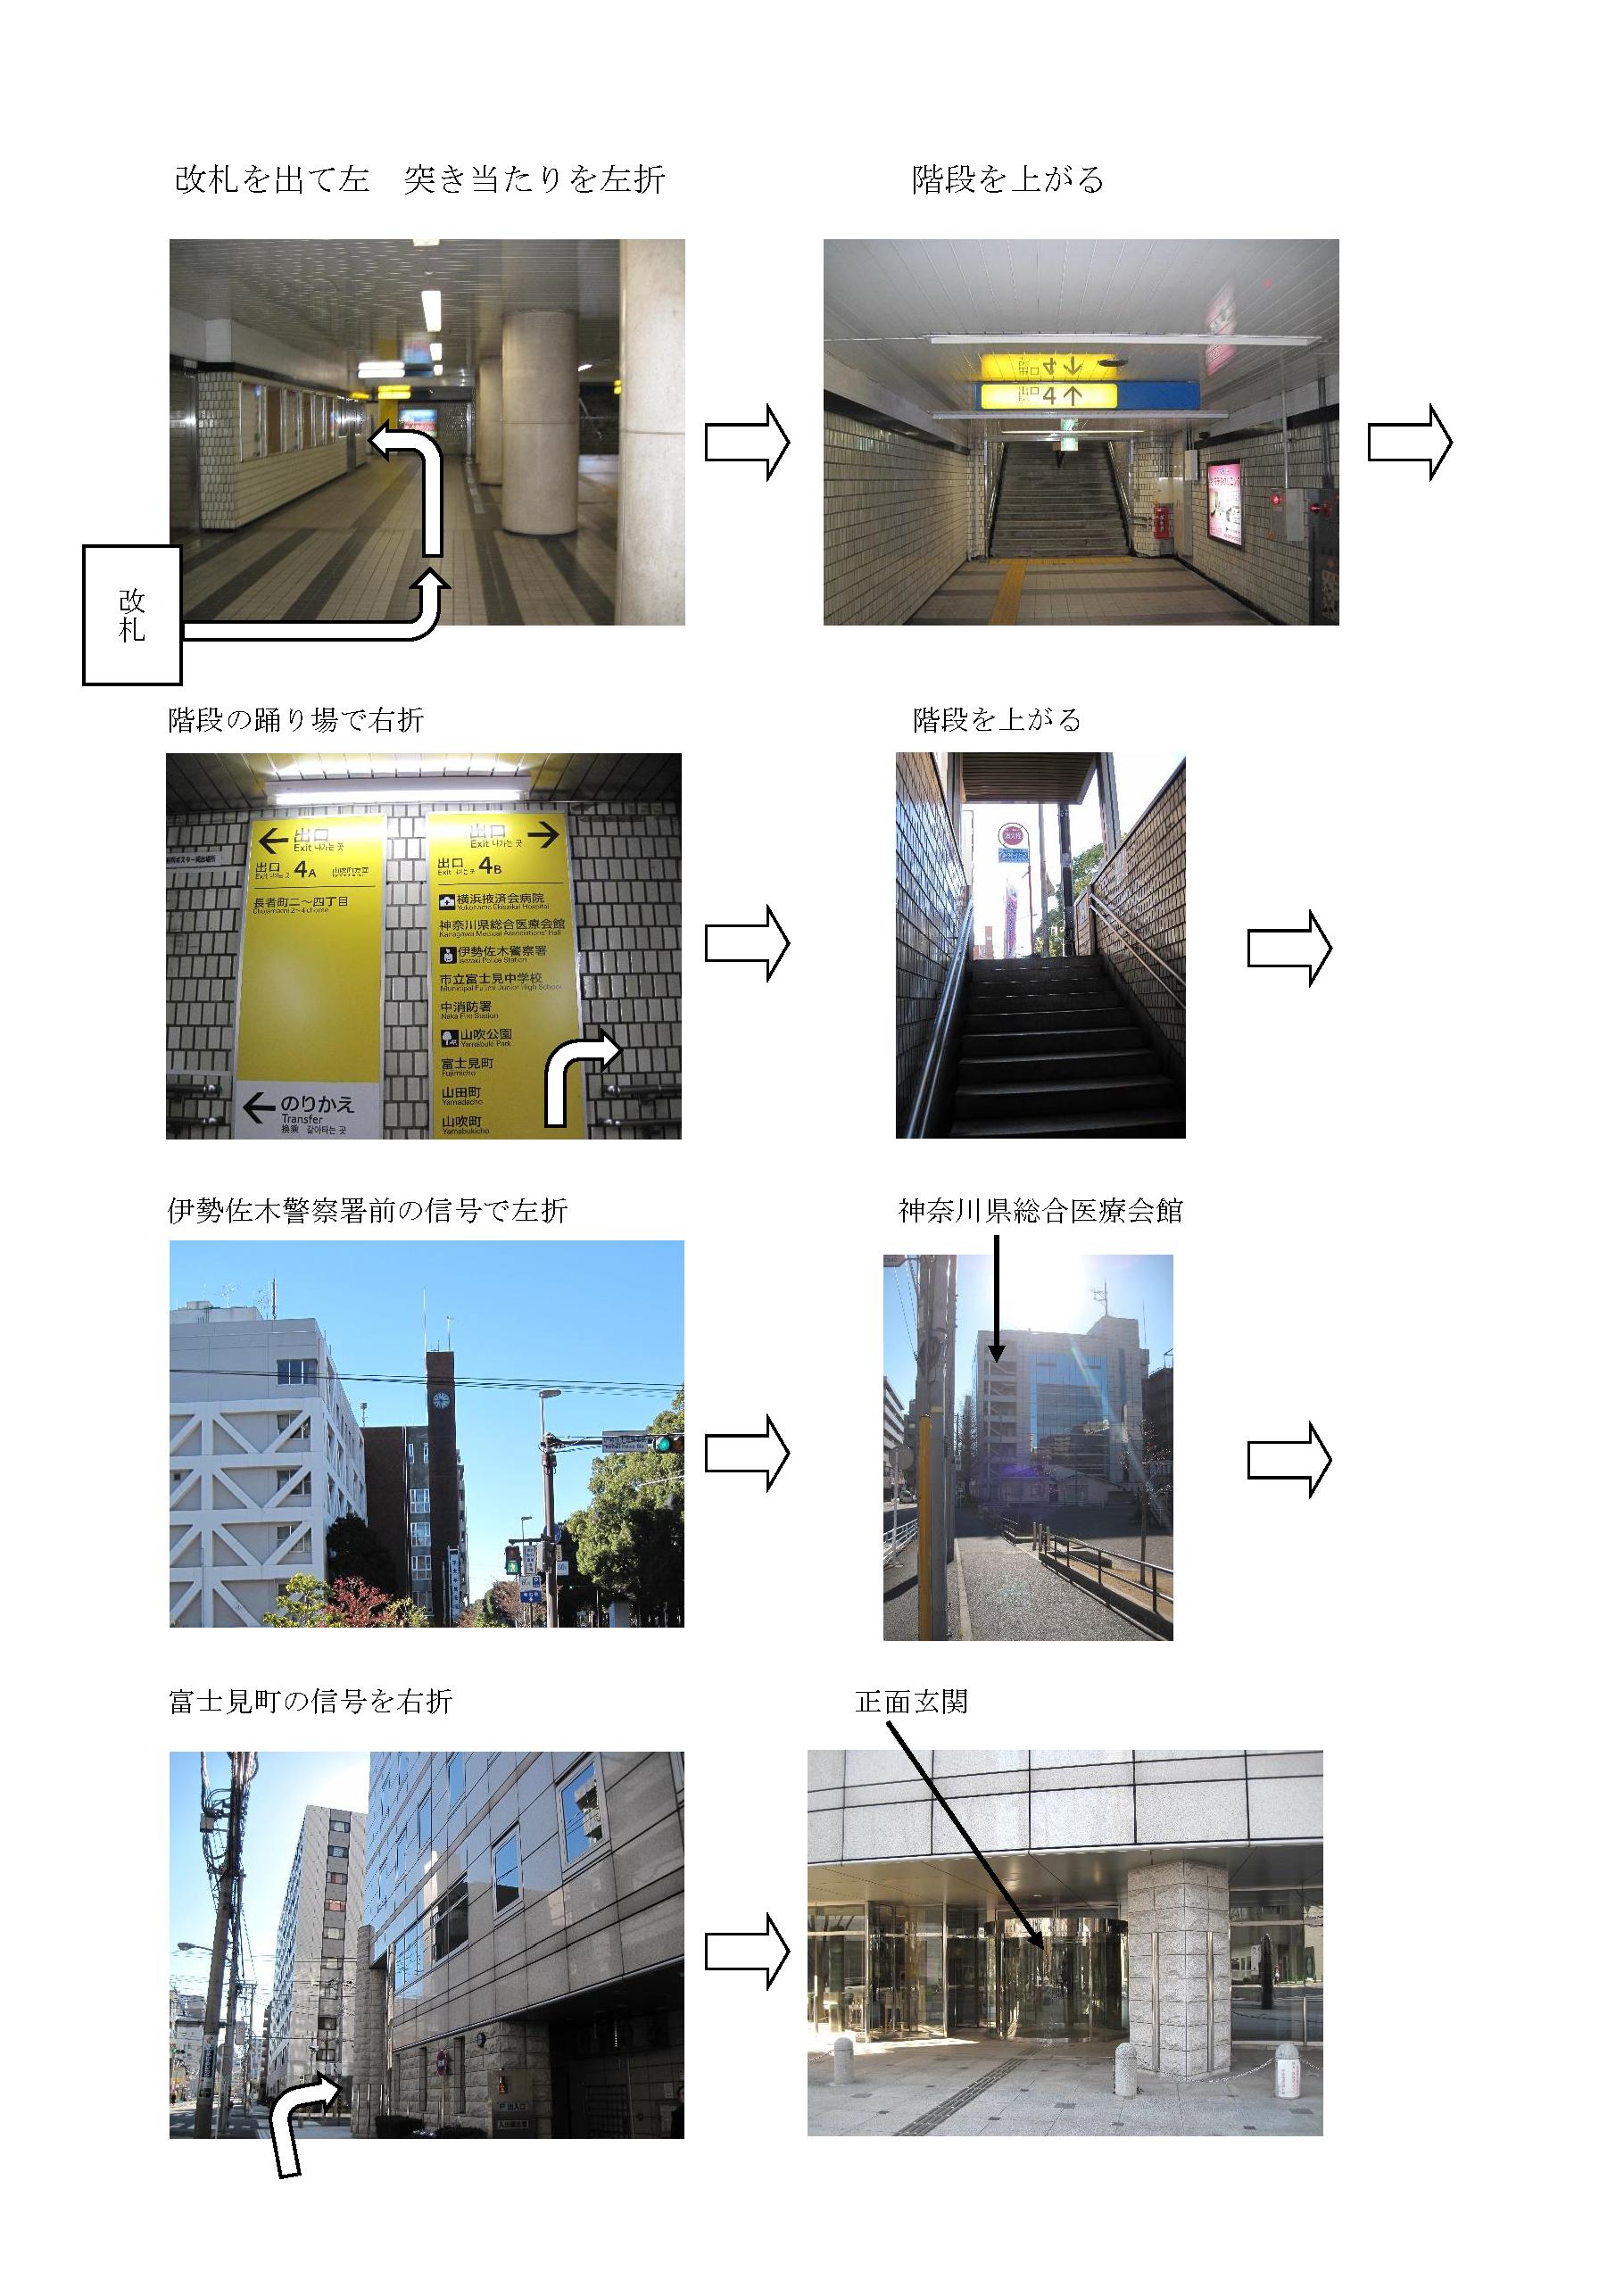 神奈川県総合医療会館への道順